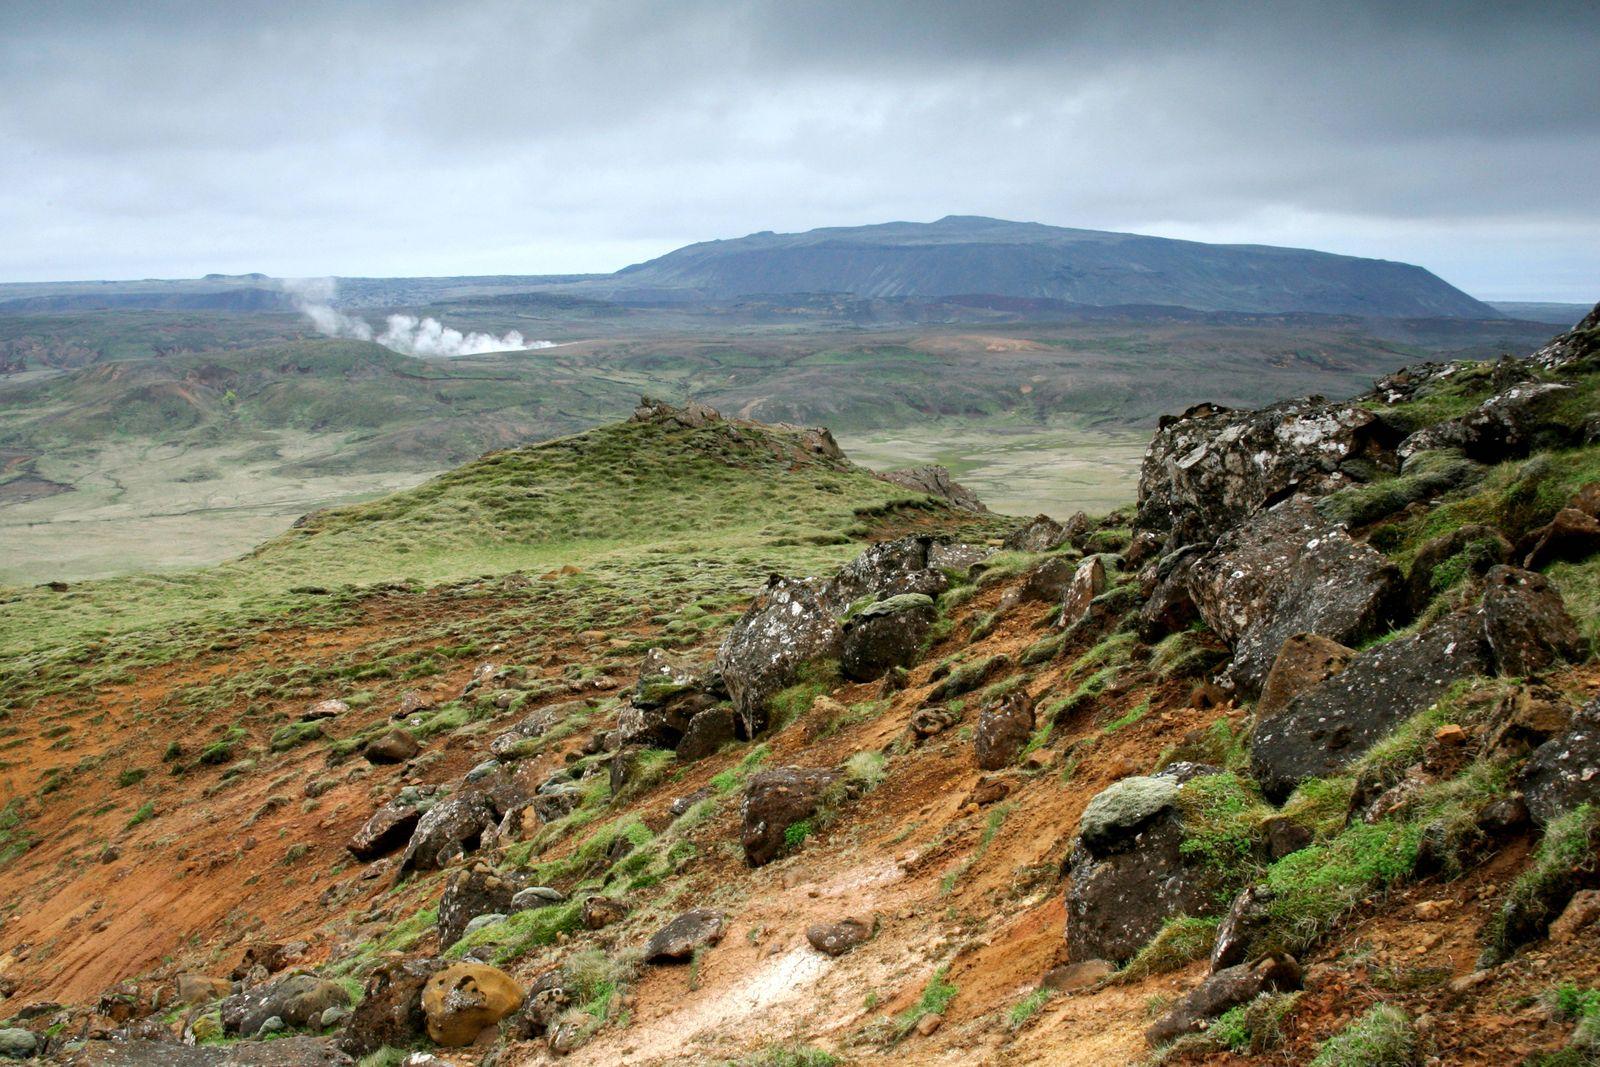 Vulkangebiet Krysuvik Island Krysuvik Krysuvik volcanic area Iceland Krysuvik BLWS541537 Copyrig